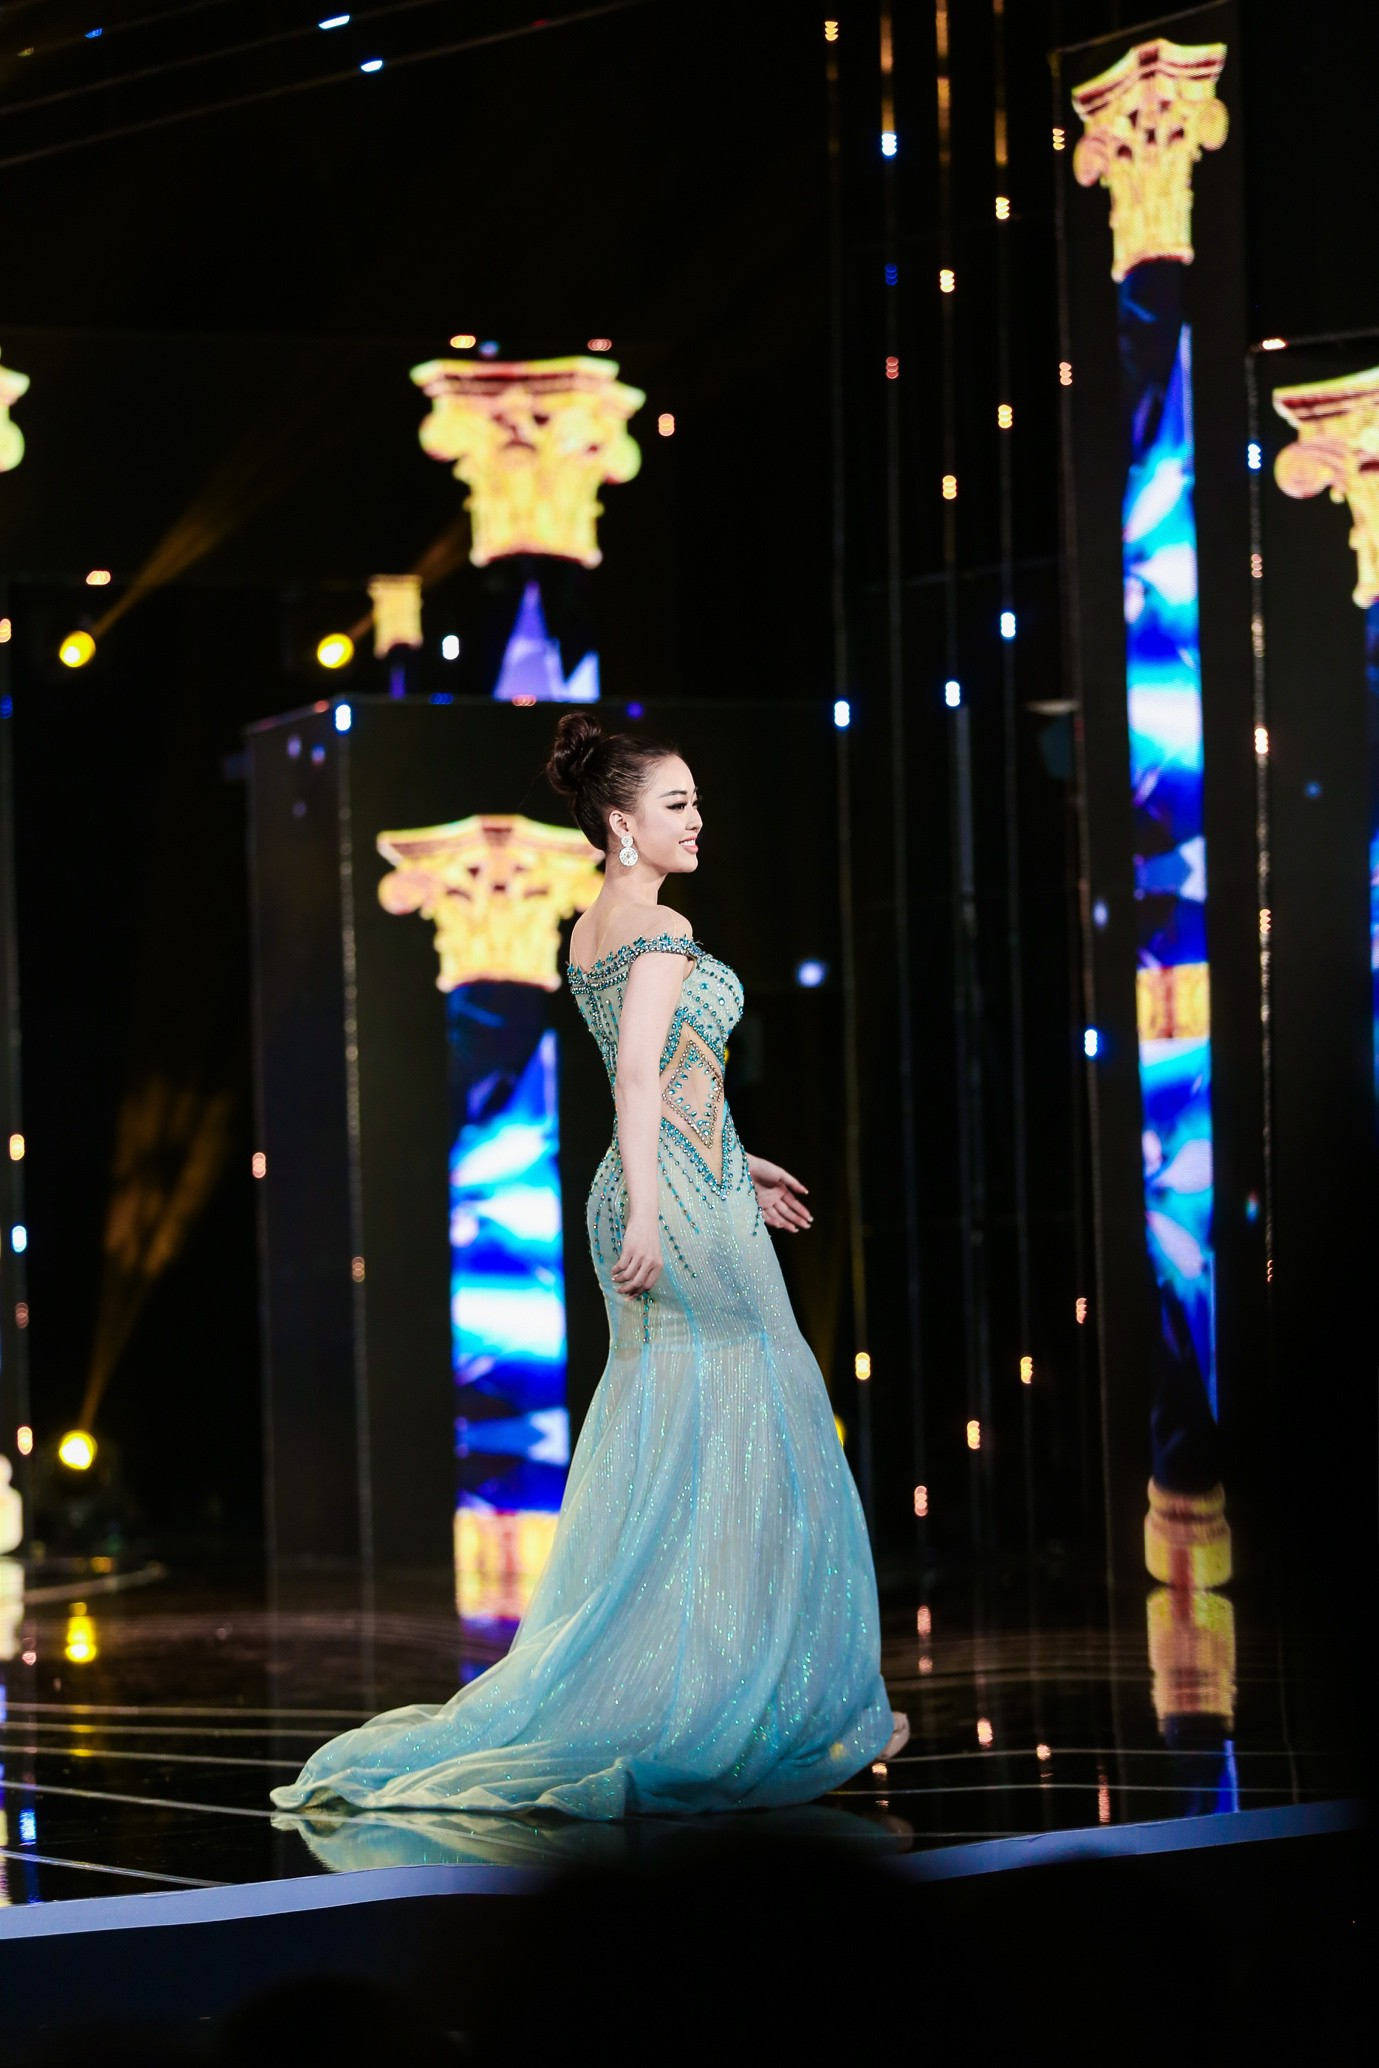 """8 lần đi thi nhan sắc, thí sinh Miss World Việt Nam tự tin tuyên bố: """"Tôi không bao giờ bỏ cuộc - Ảnh 6."""